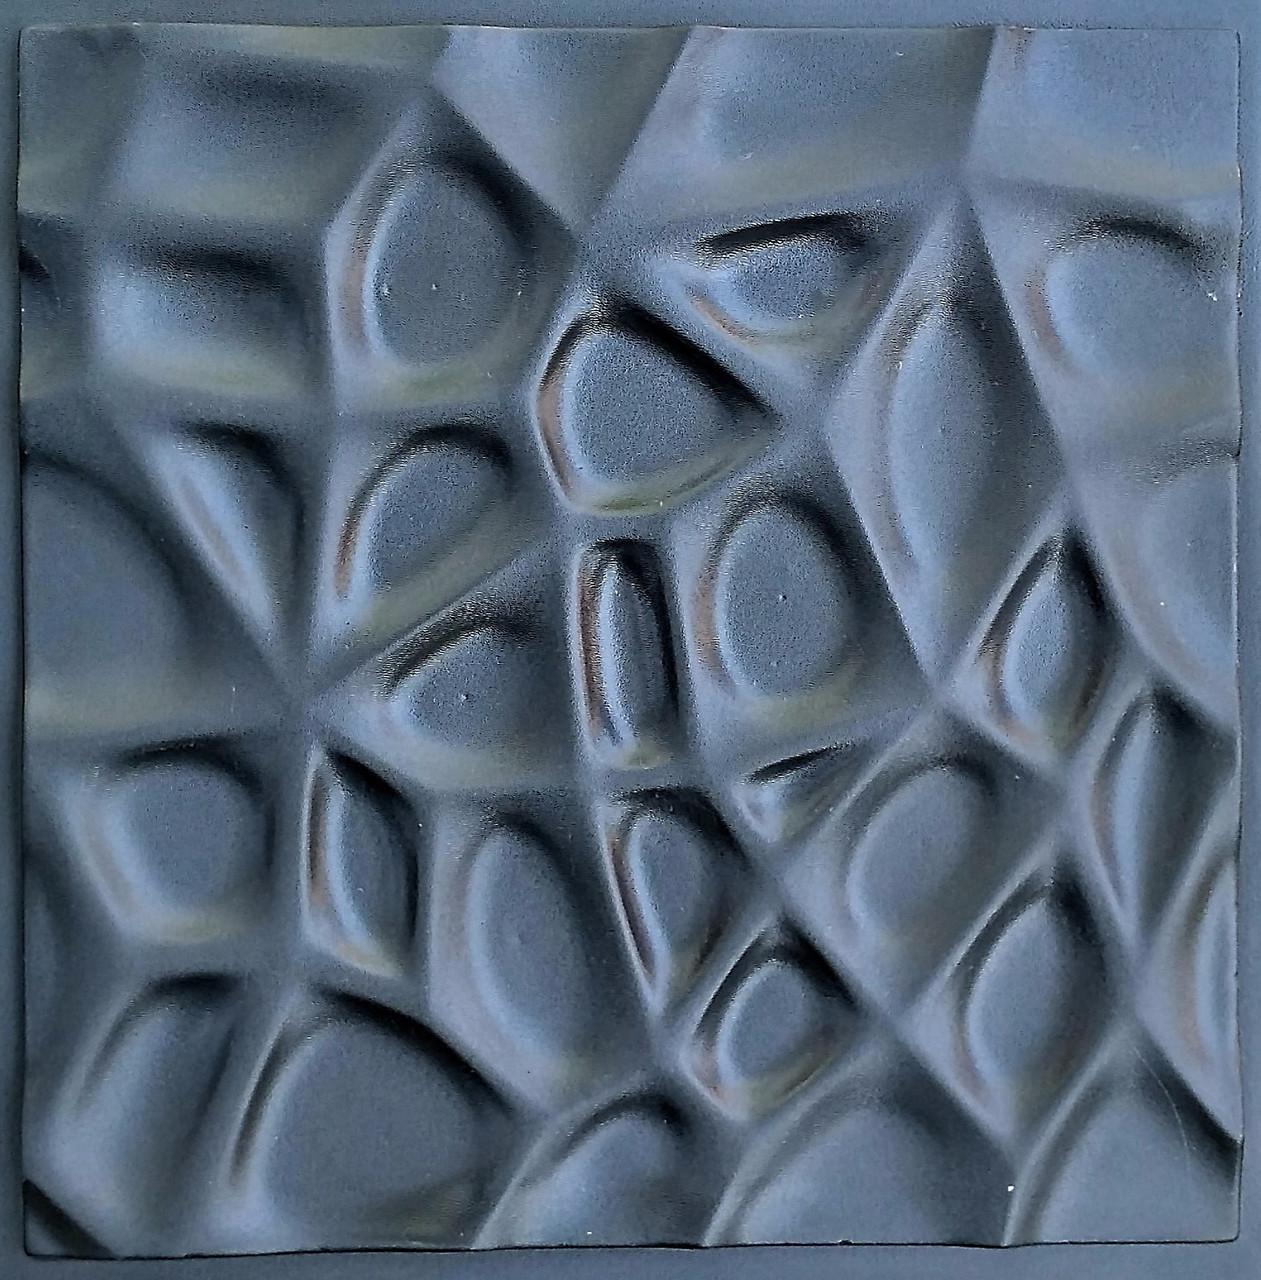 """Пластиковая форма для изготовления 3d панелей """"Паутина"""" 50*50 (форма для 3д панелей из абс пластика)"""